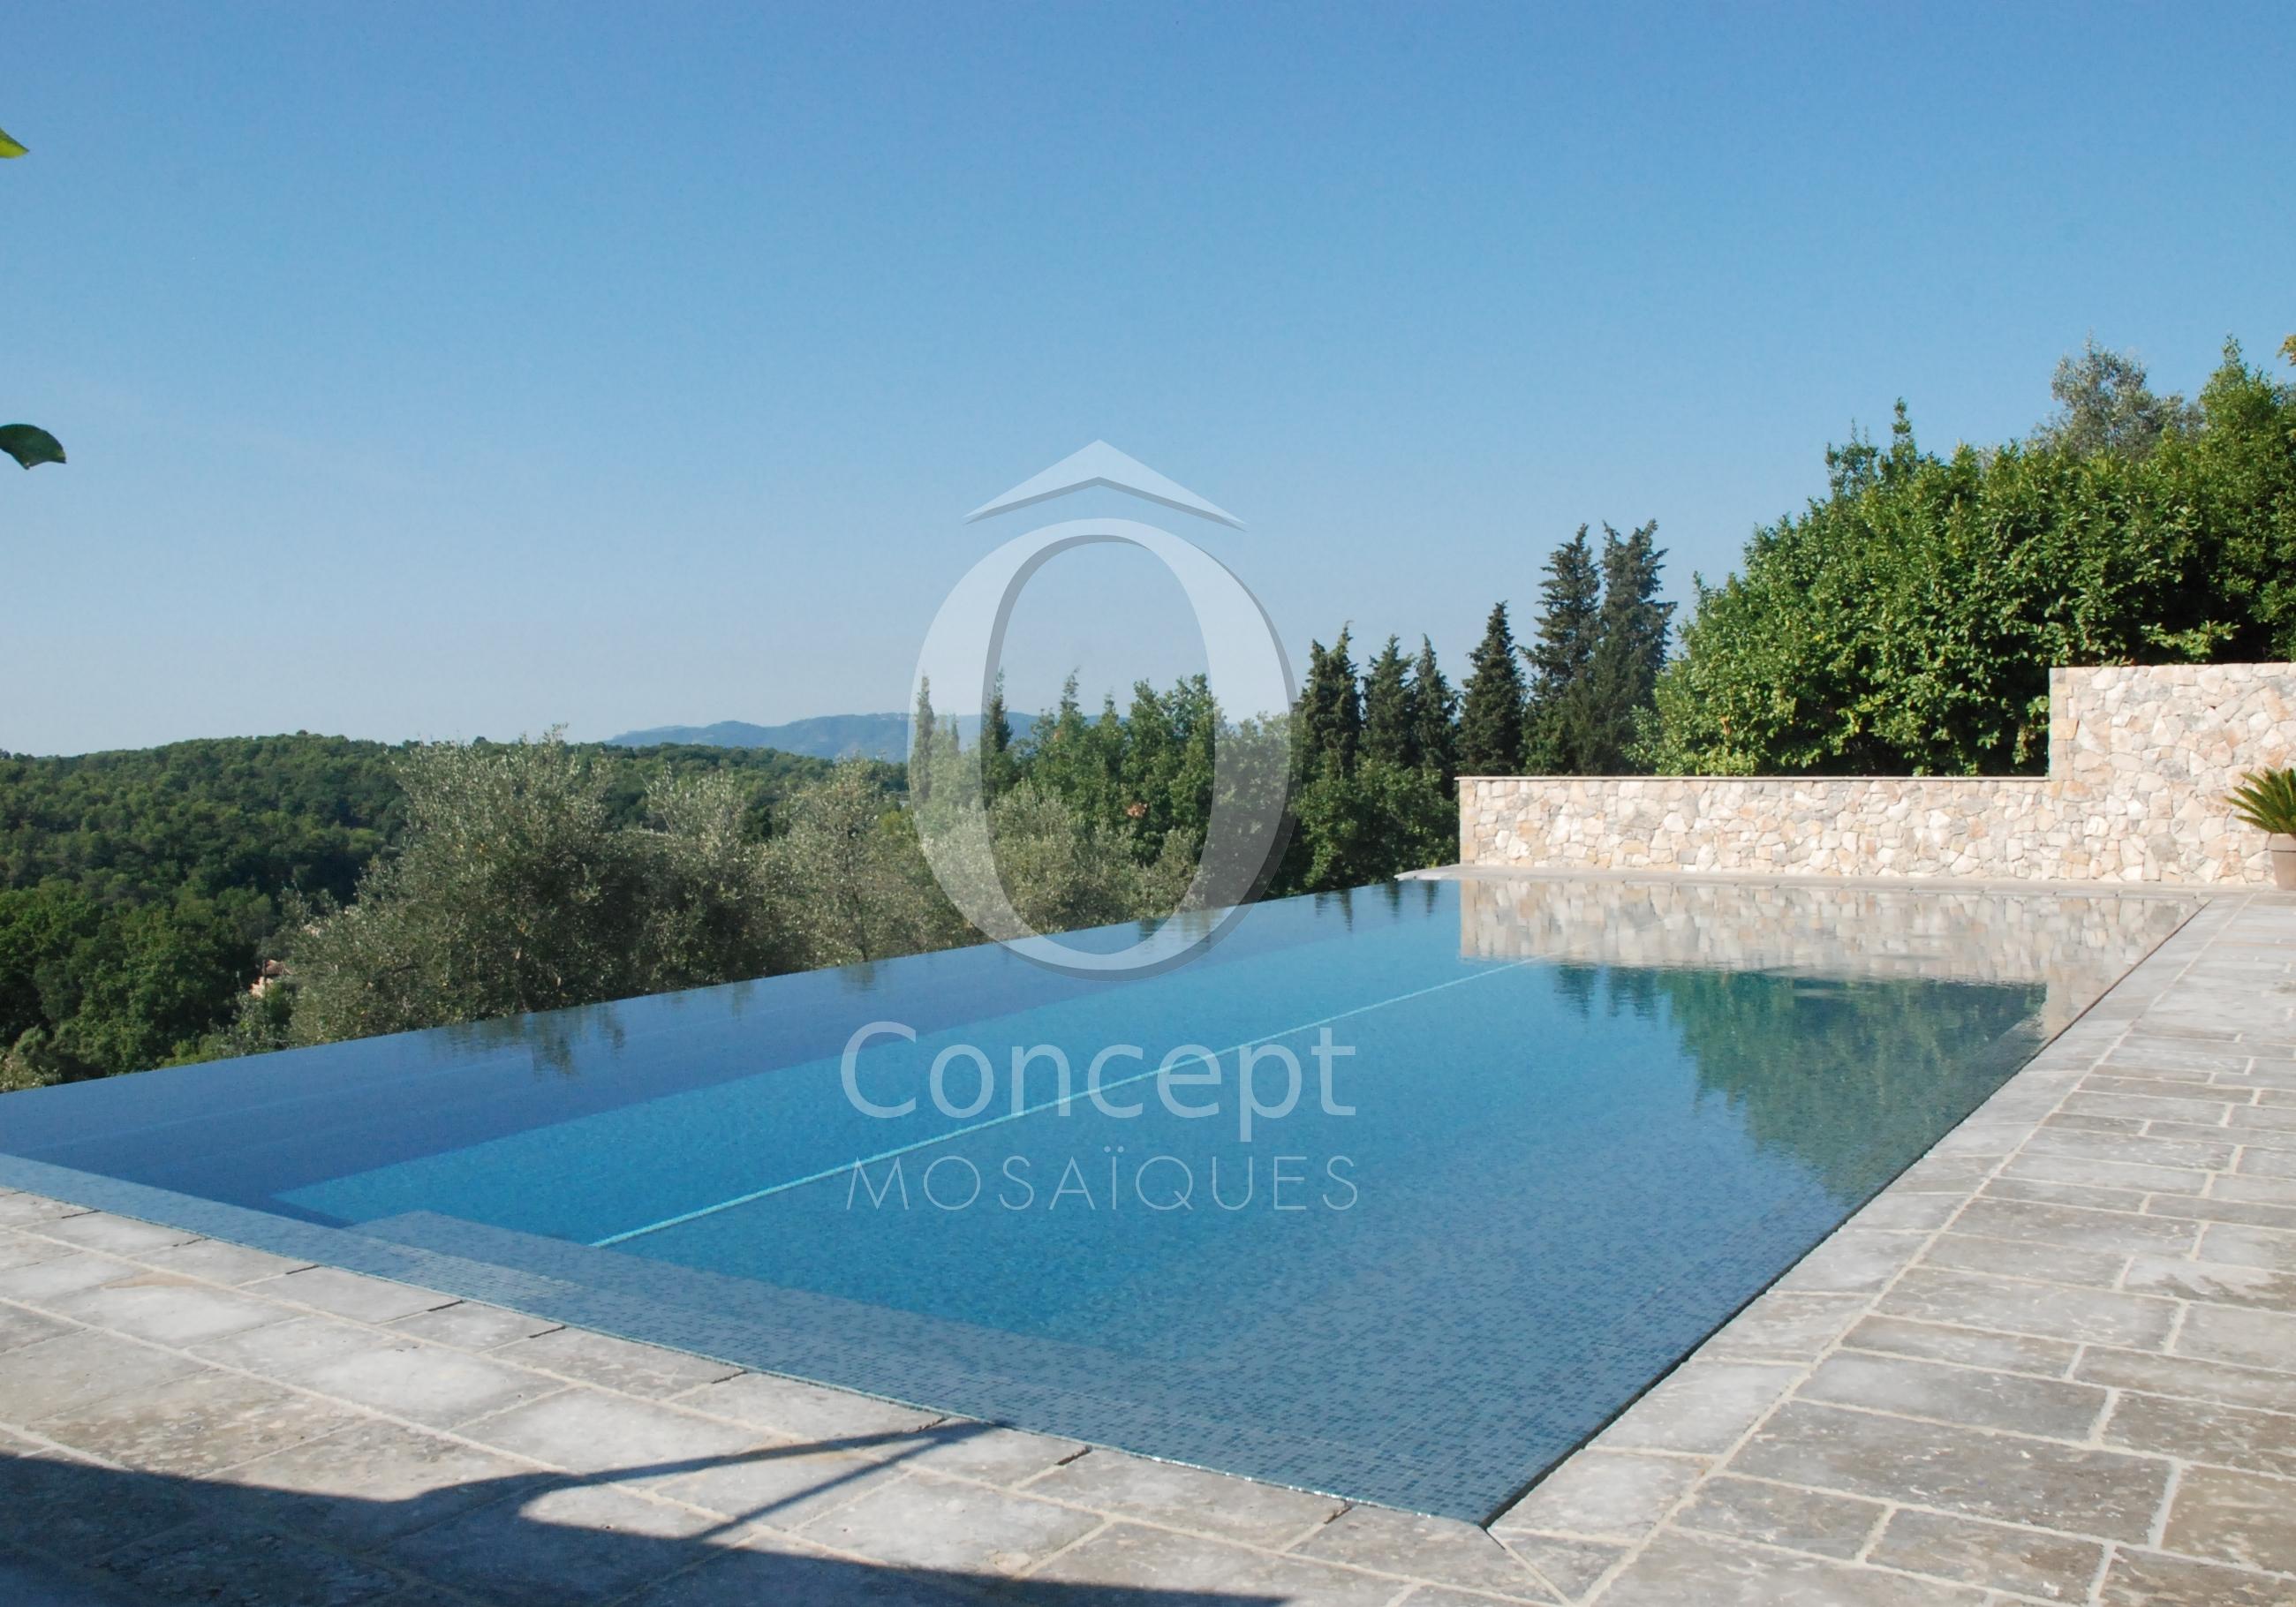 O Concept Mediterranean blue mosaic pool